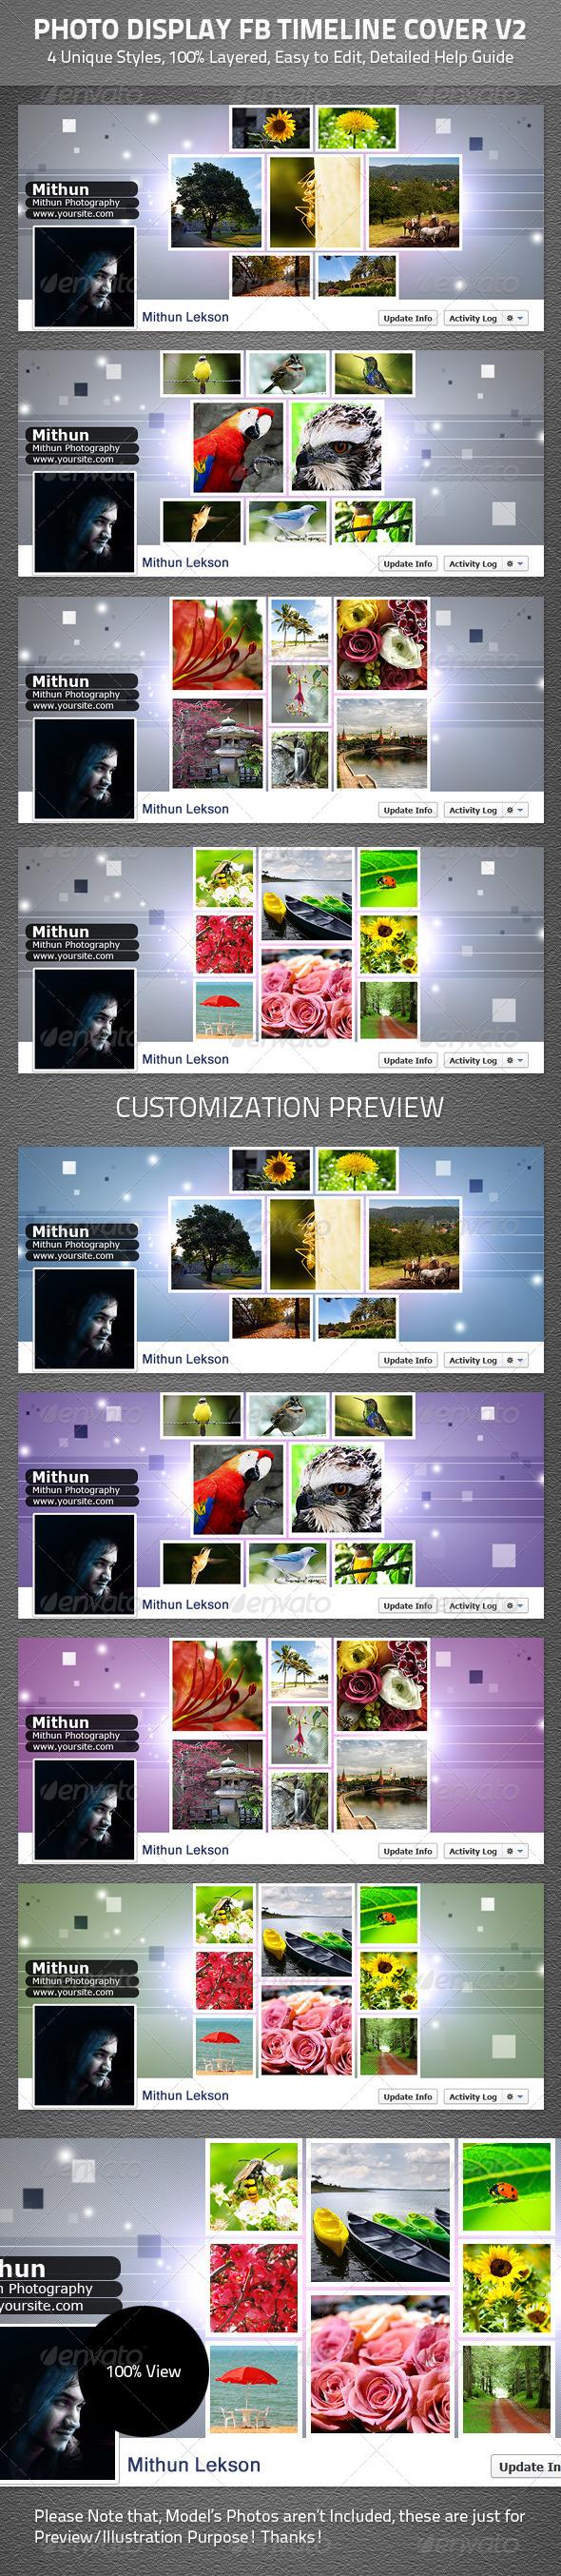 Photo Display Facebook Timeline Cover V2 - Facebook Timeline Covers Social Media